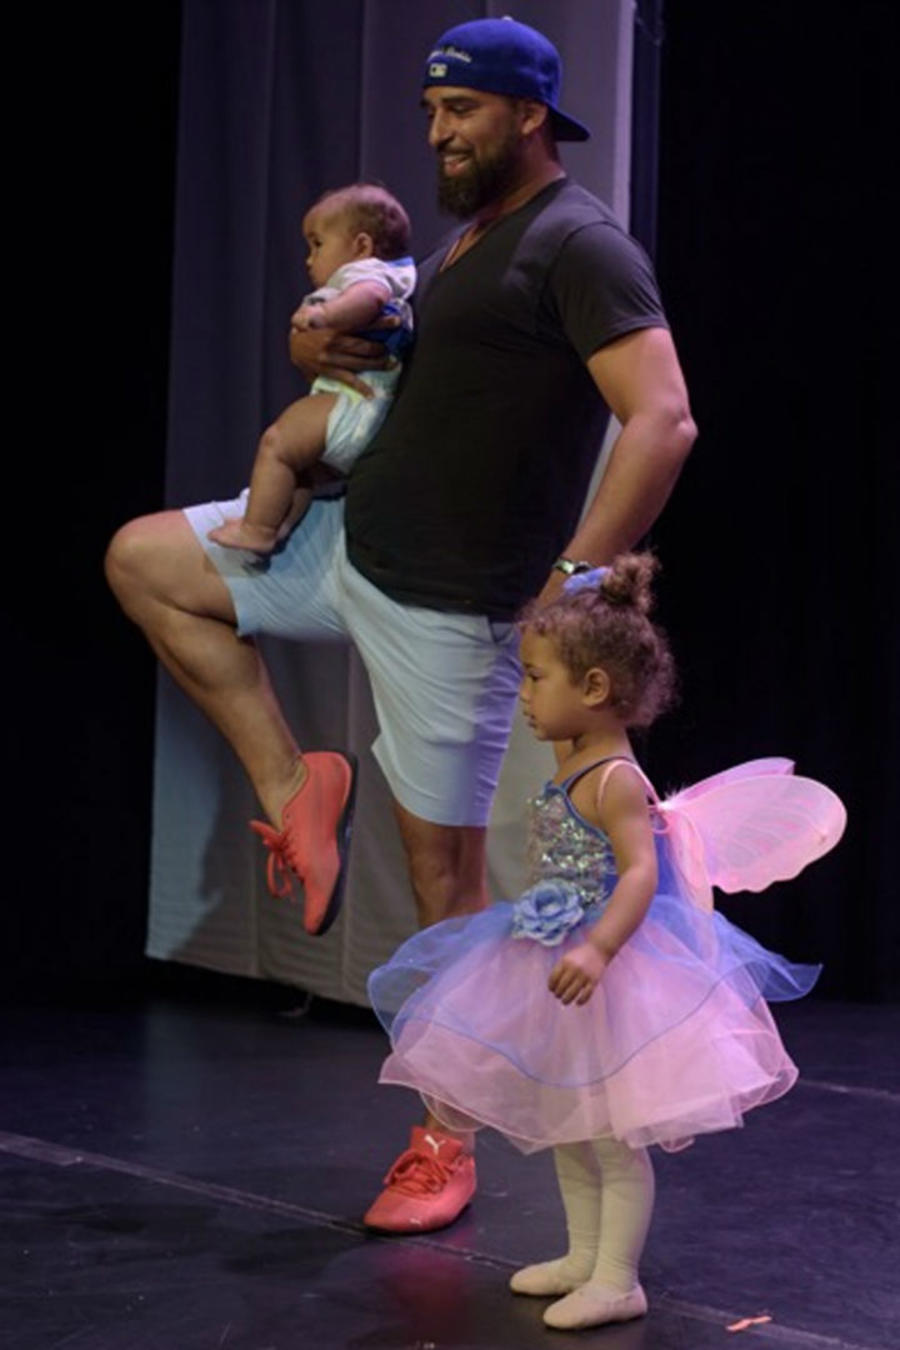 Papá bailando ballet con su hija